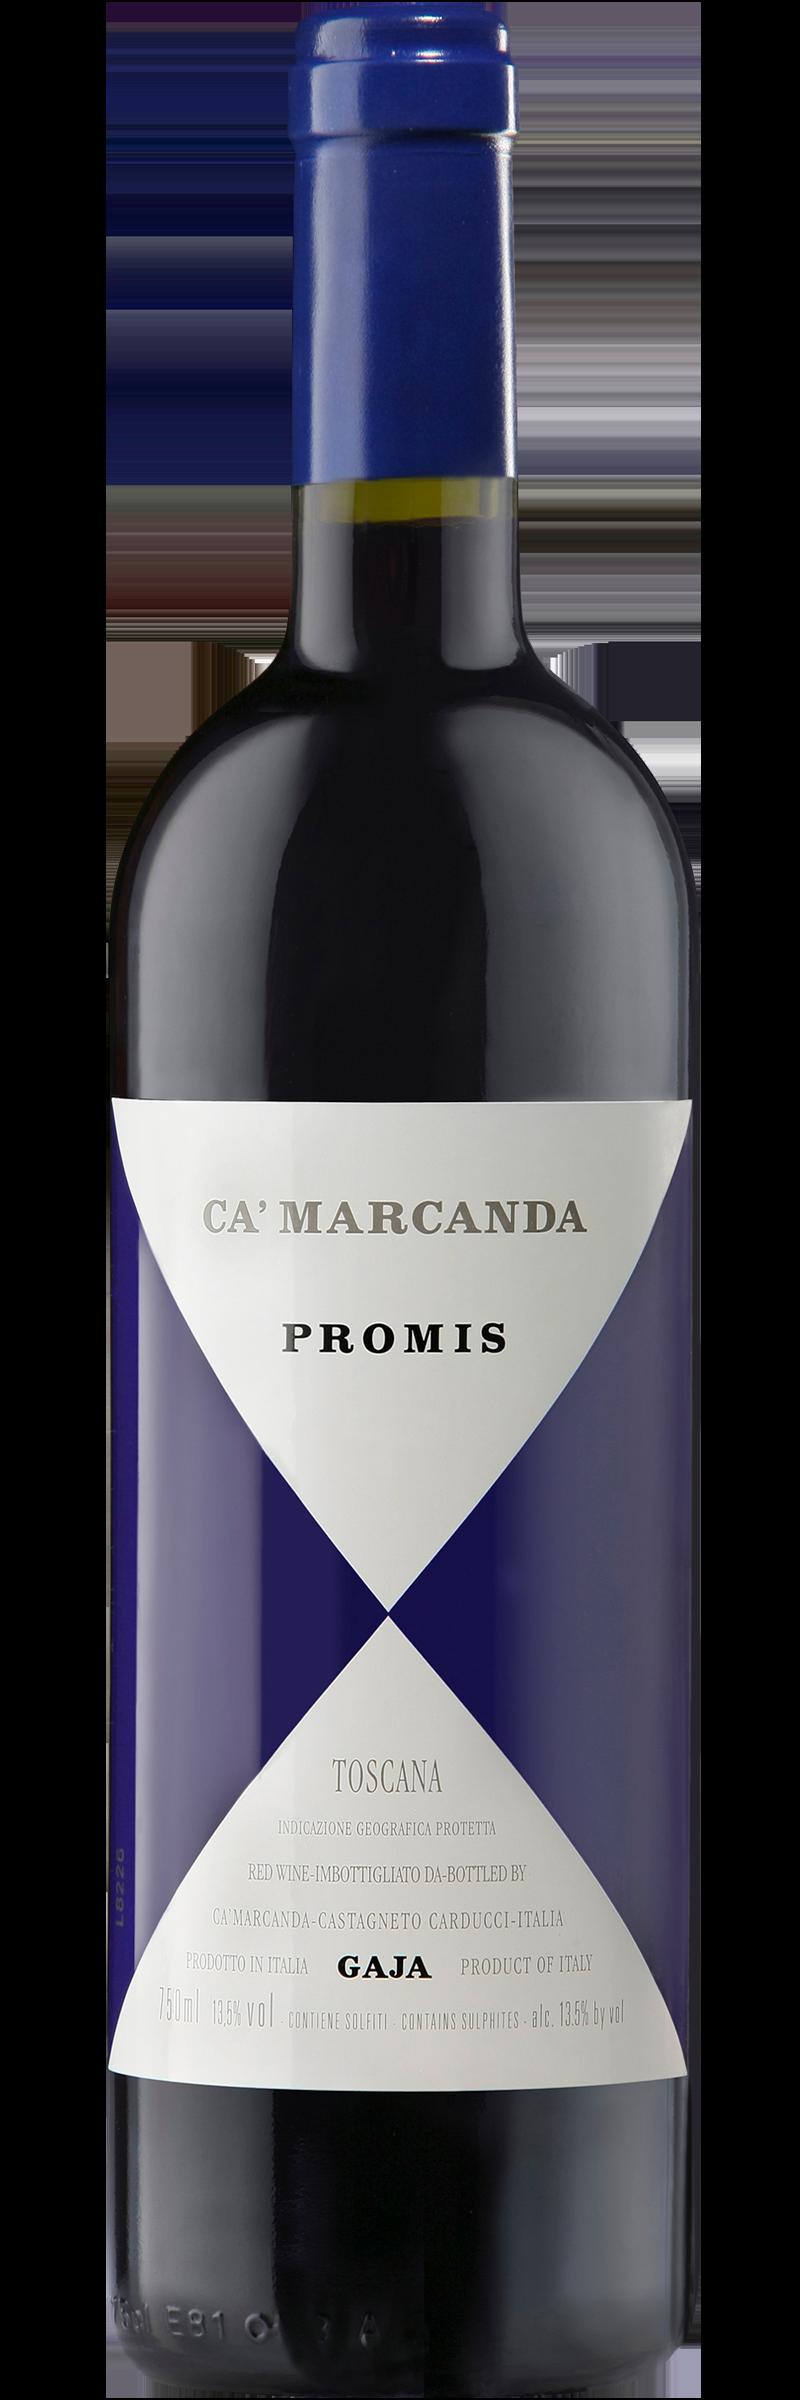 Ca'Marcanda Promis